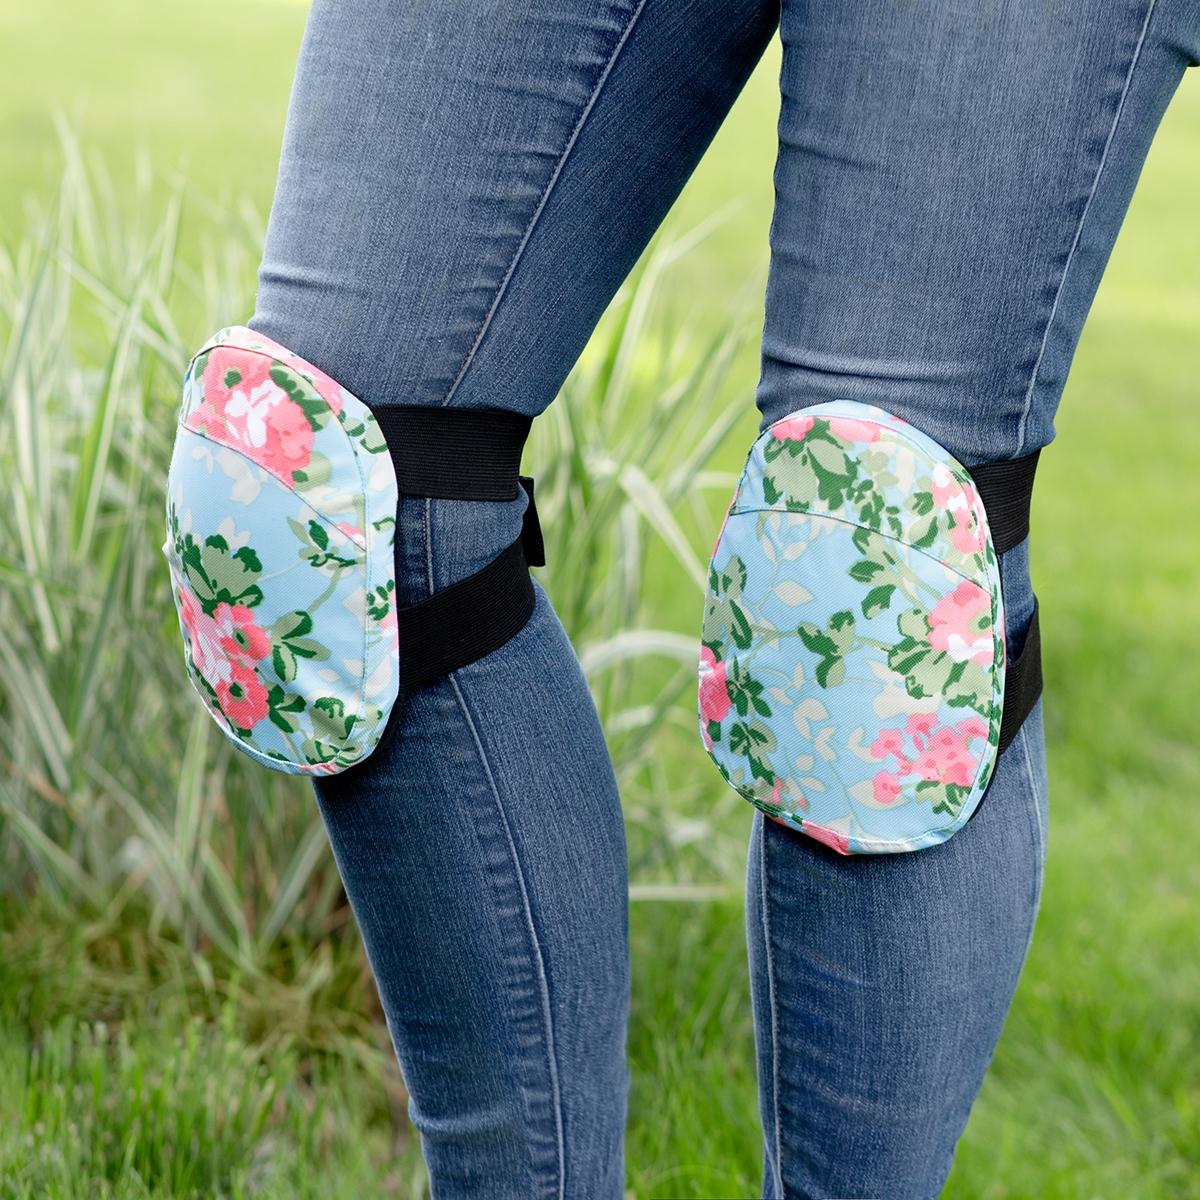 Rose Print Gardening Knee Pads